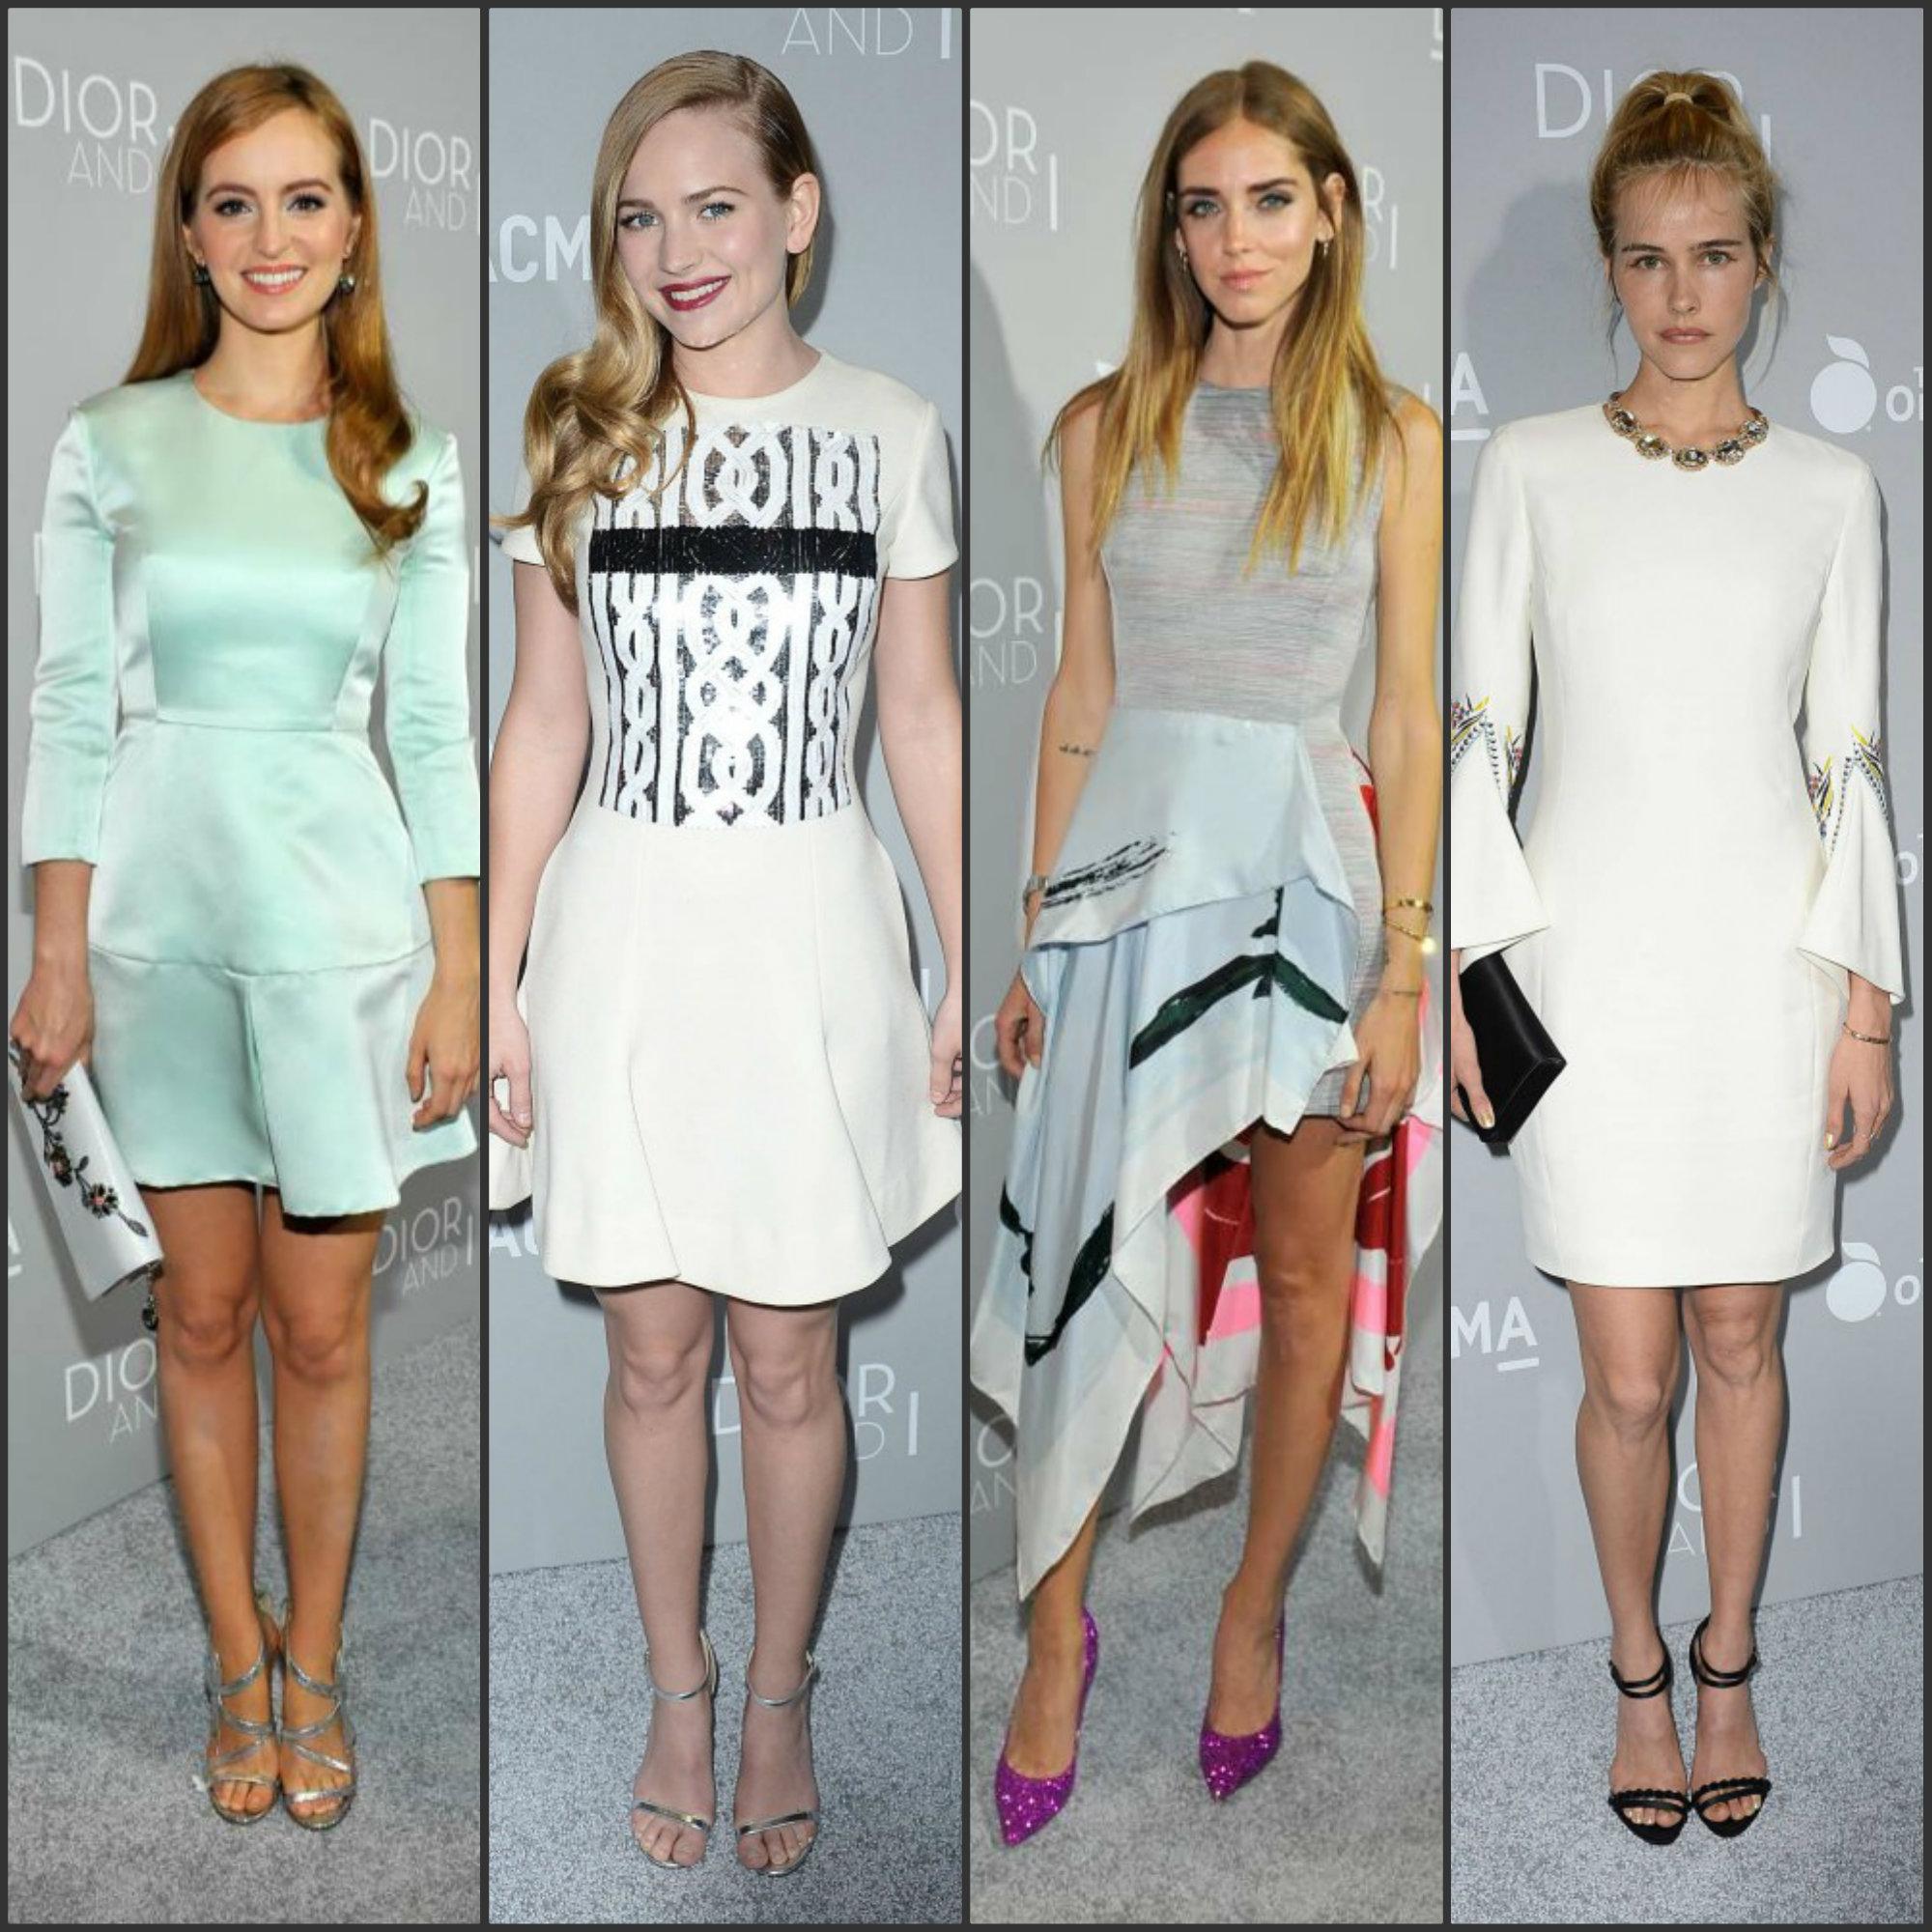 Dior-&-I-la-Premiere